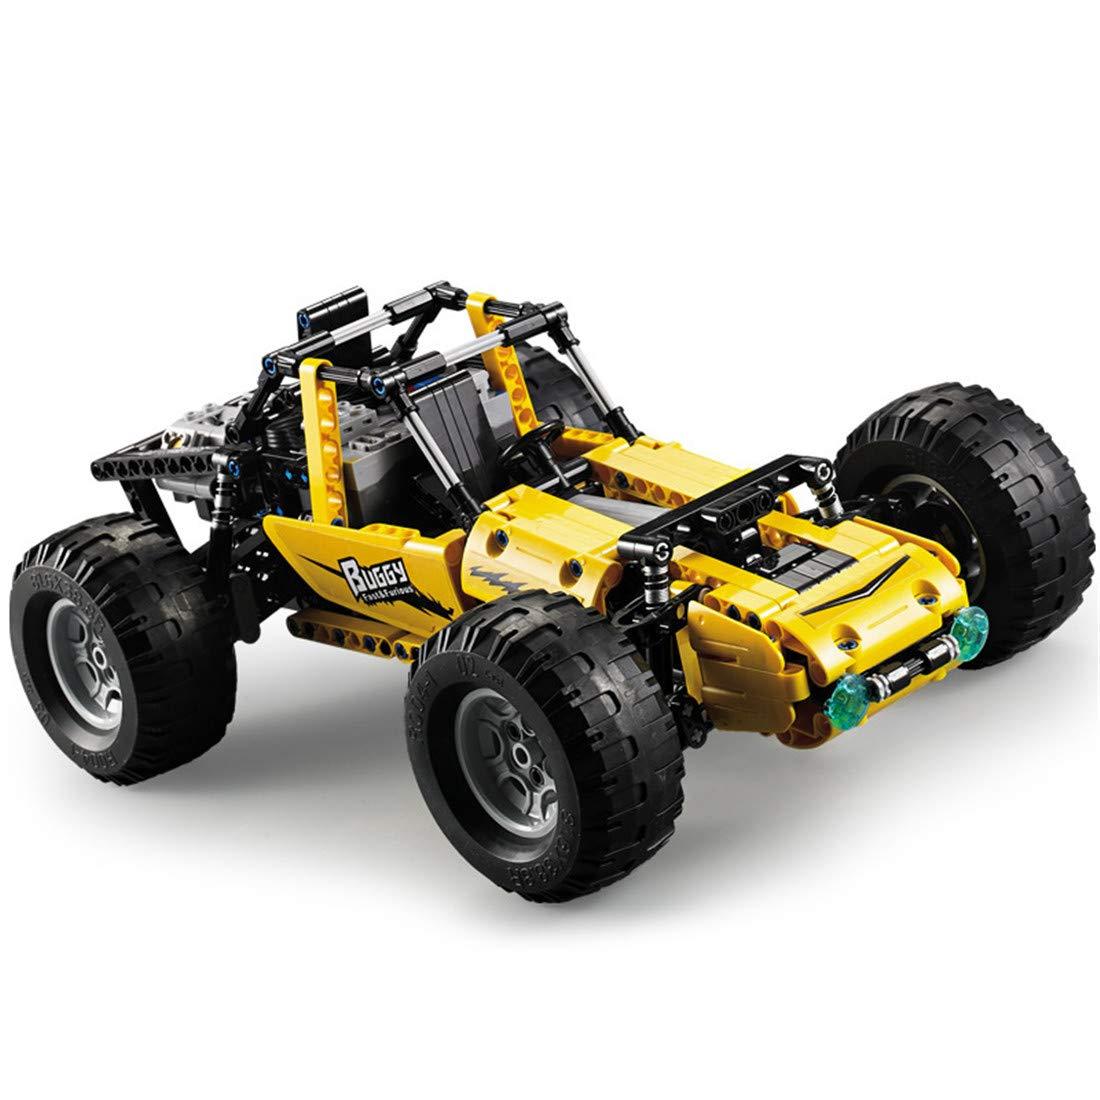 リモートコントロールレーシングカー電気Rcオフロード車両おもちゃクライミングスピードカー用男の子大人と子供 B07NRSSNHK